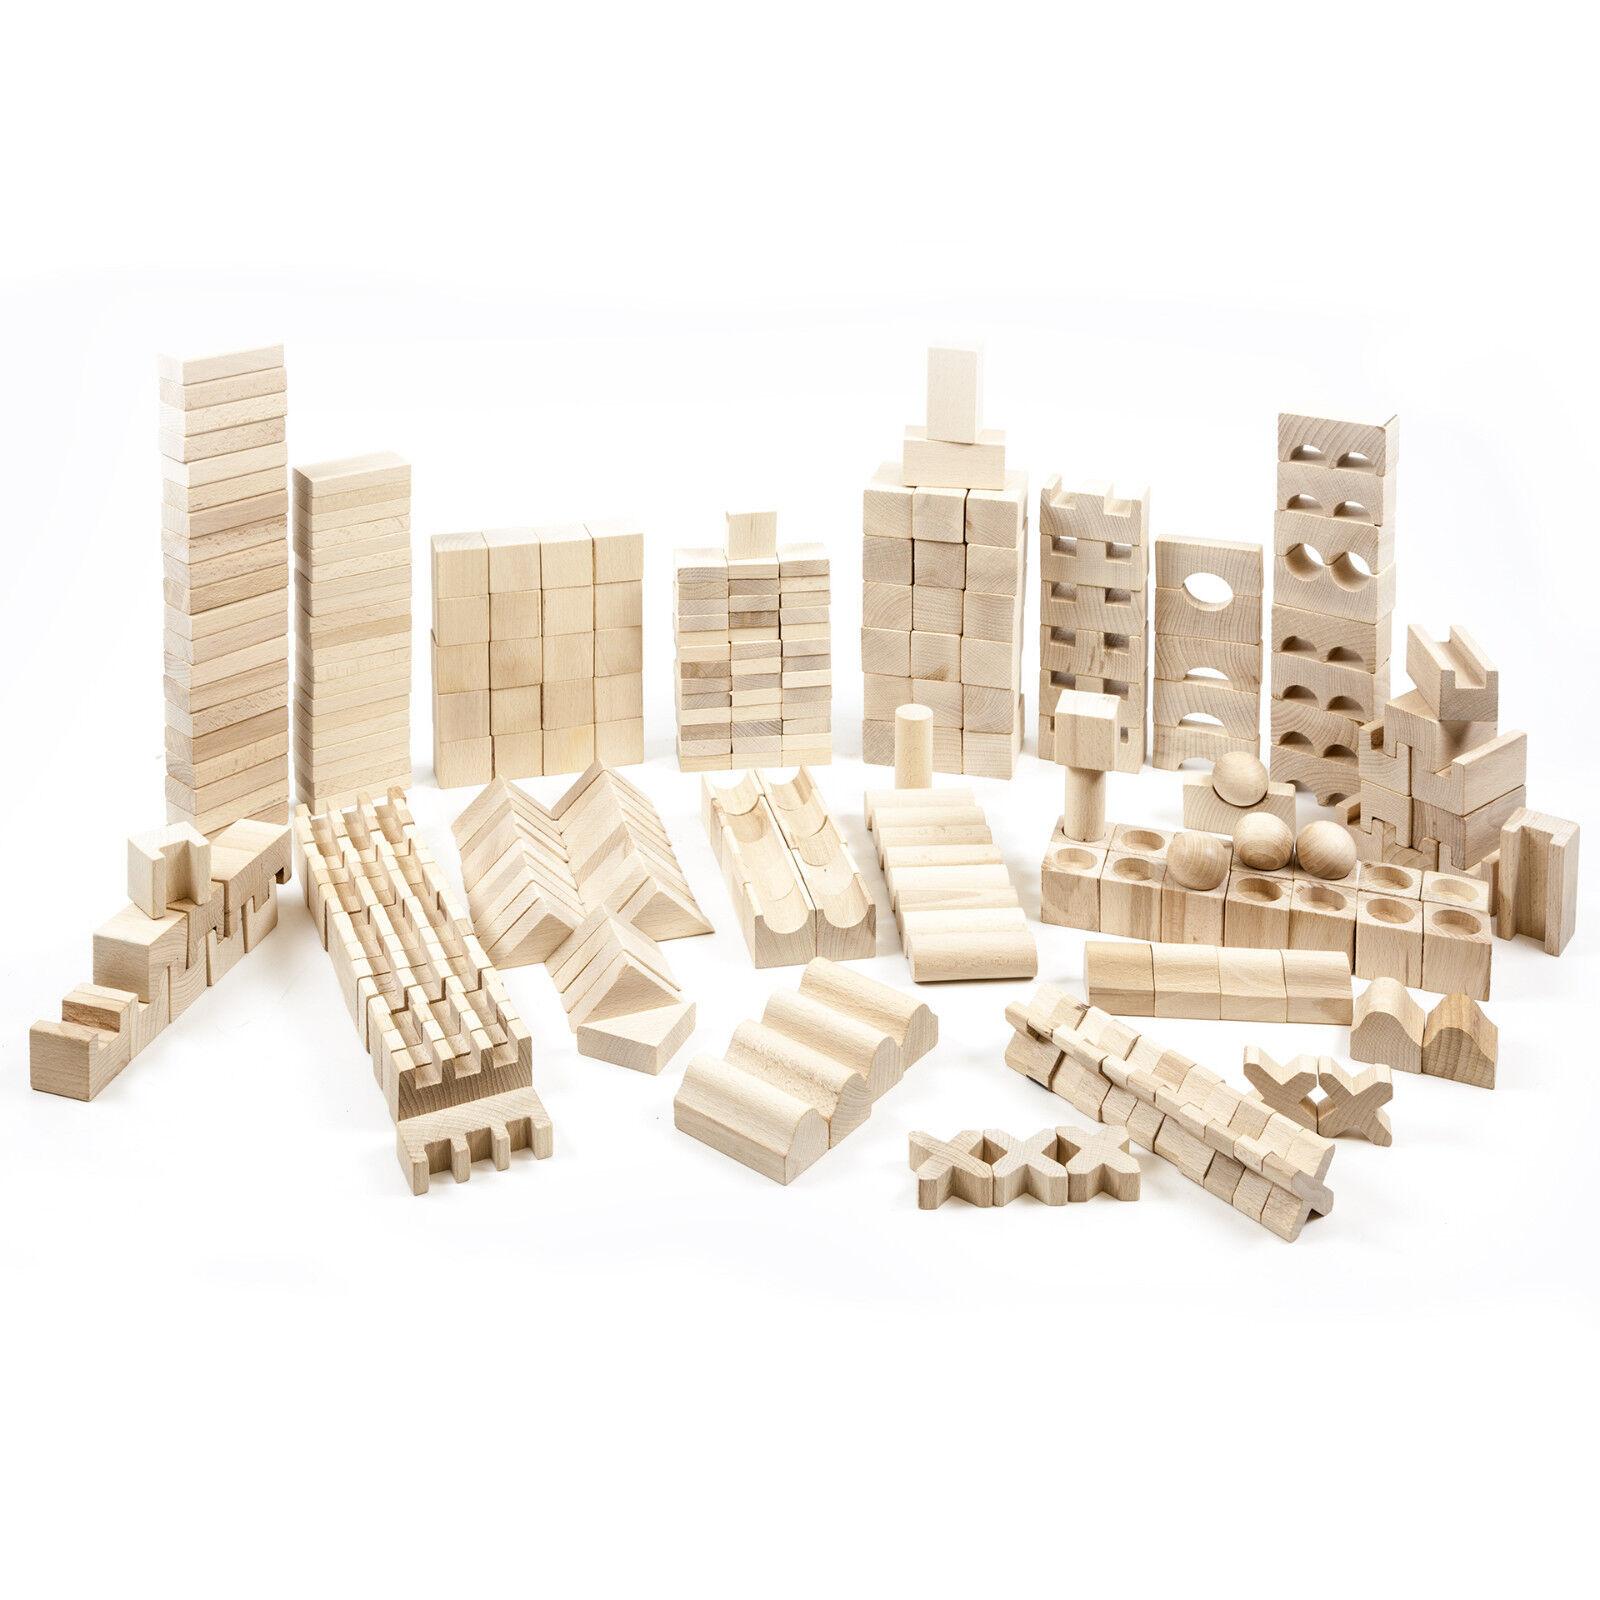 348 Holzbauklötze Holzbausteine Bausteine Buchenholz Holzklötze Bauklötze Holz